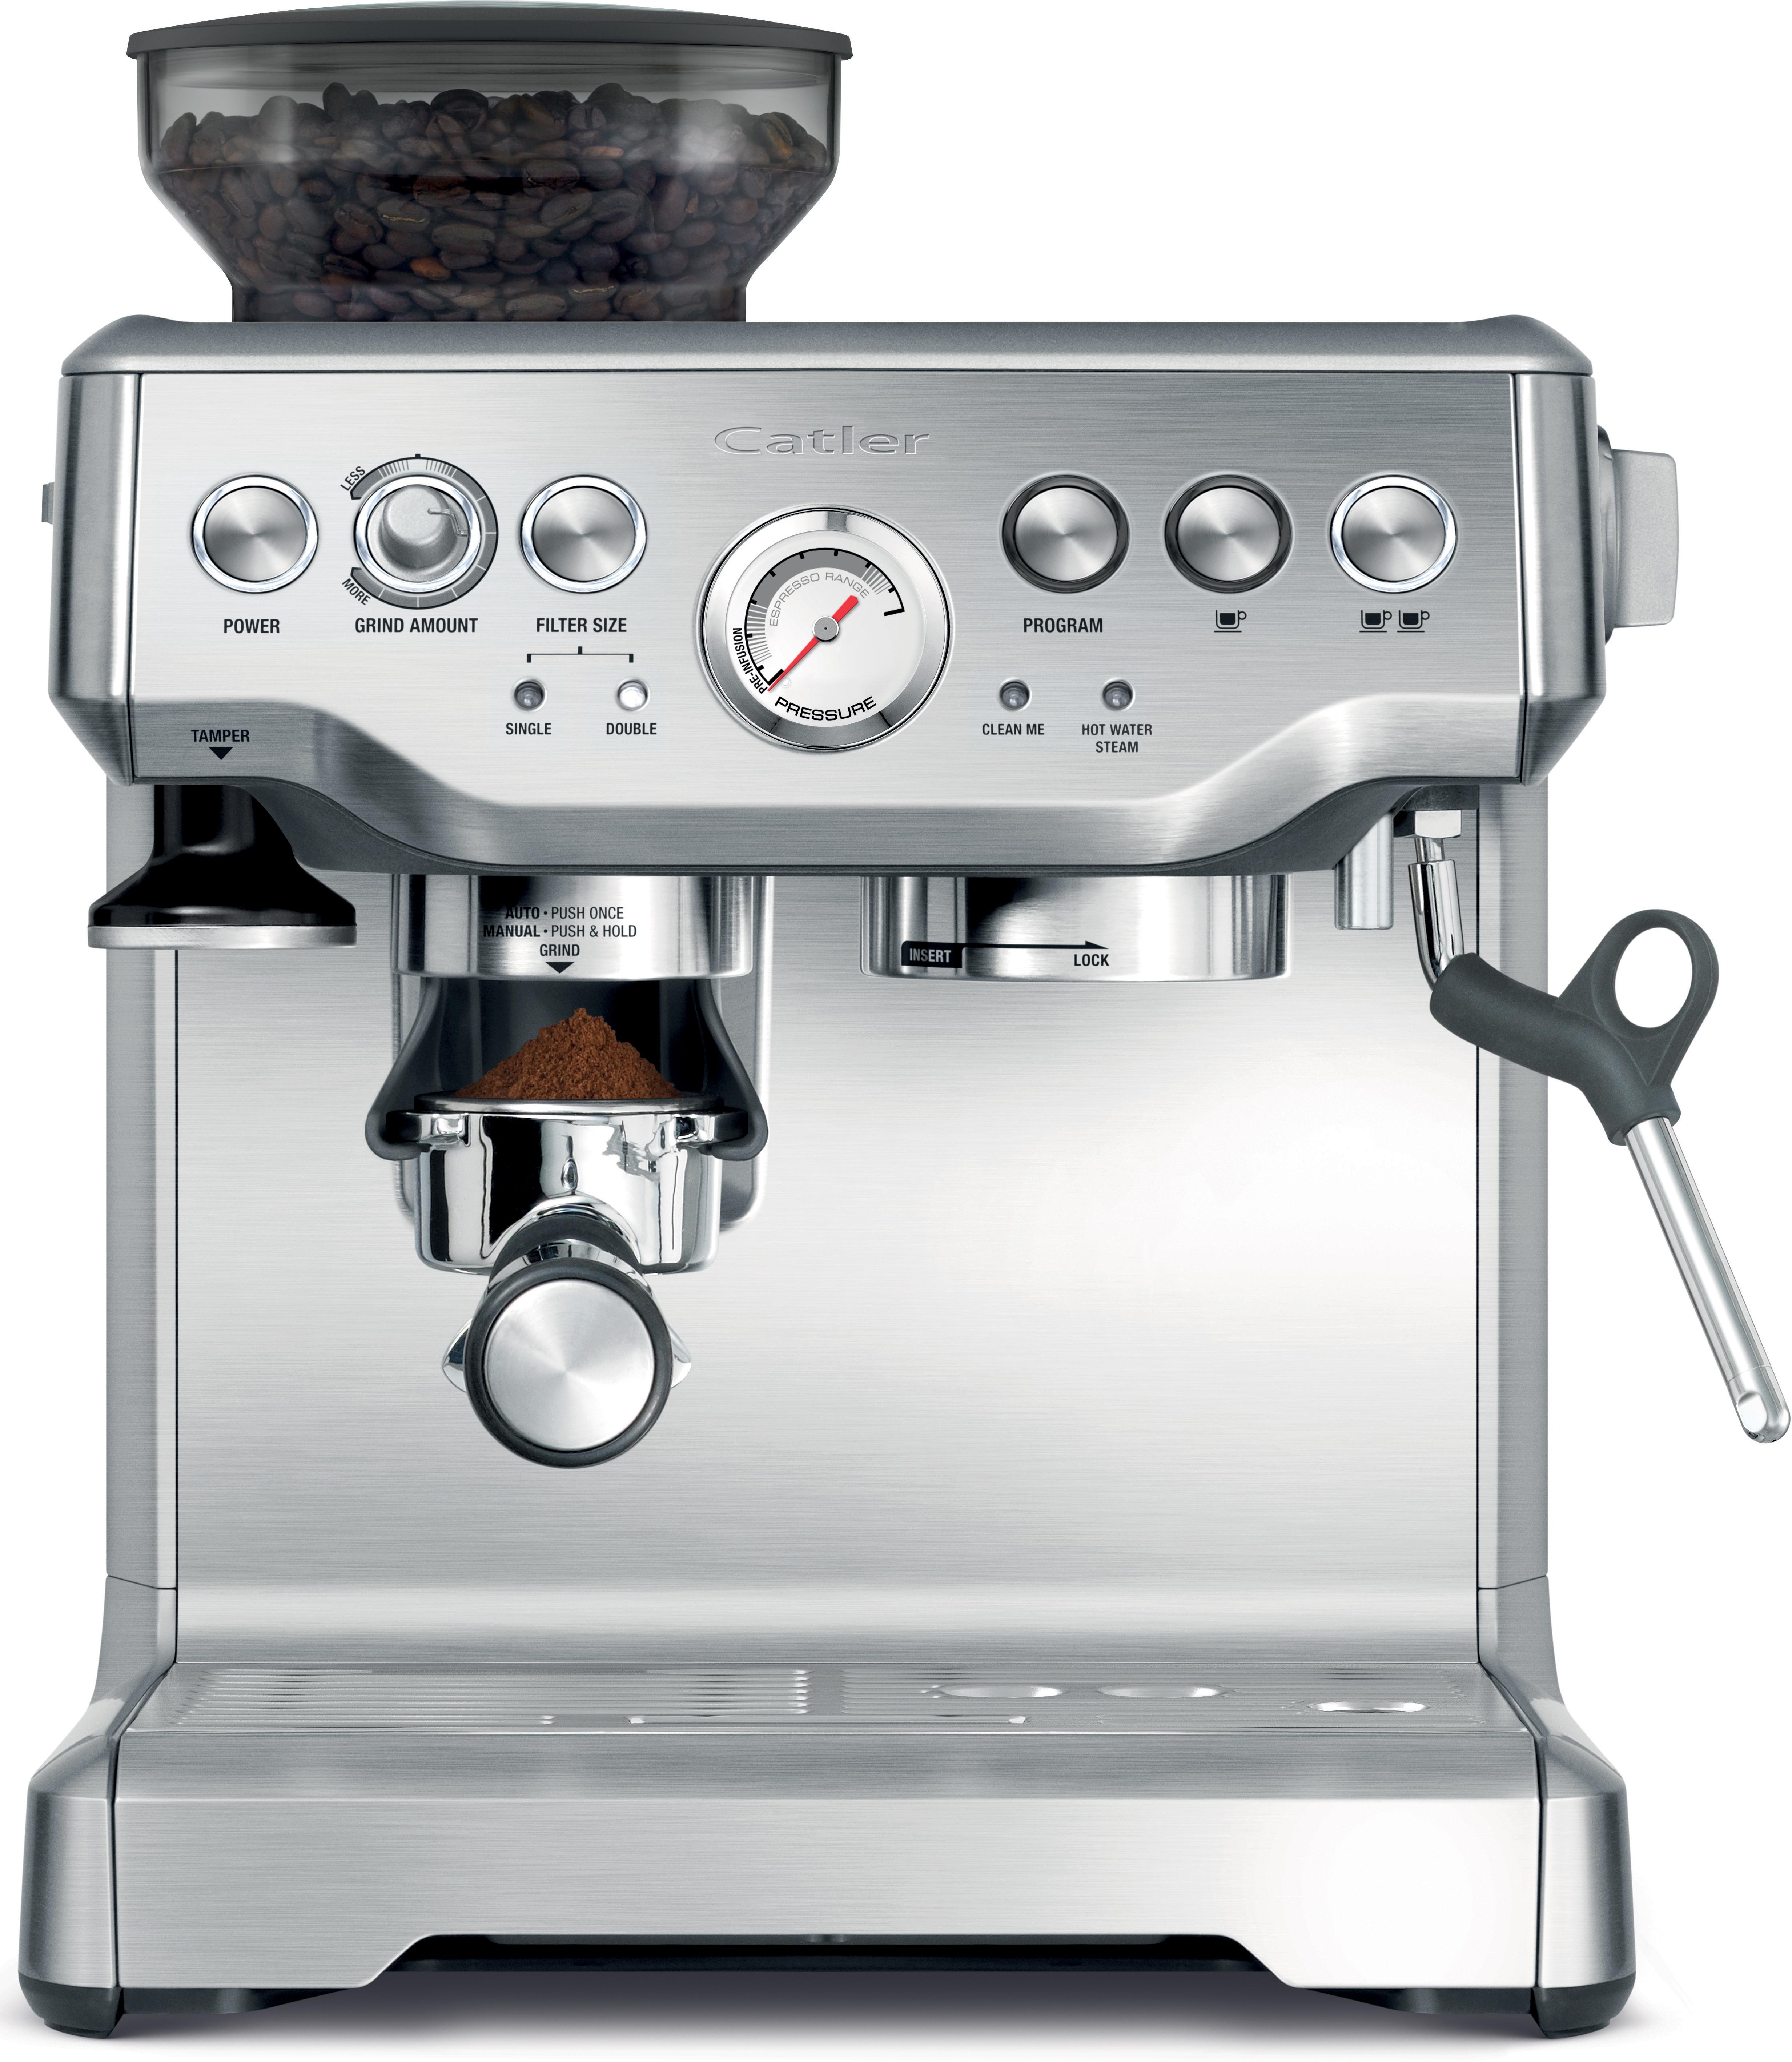 CATLER ES 8013 espresso